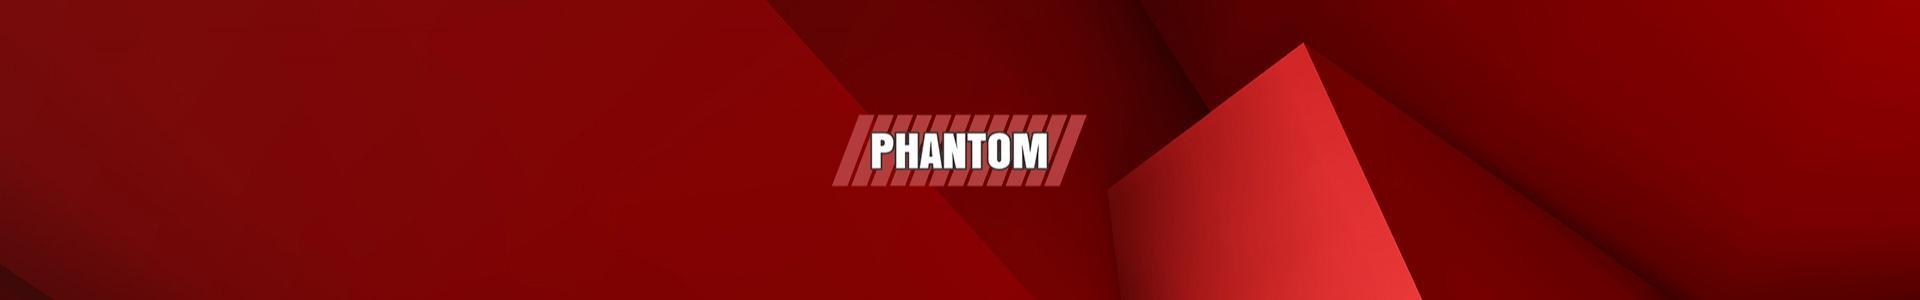 phantom-share.jpg